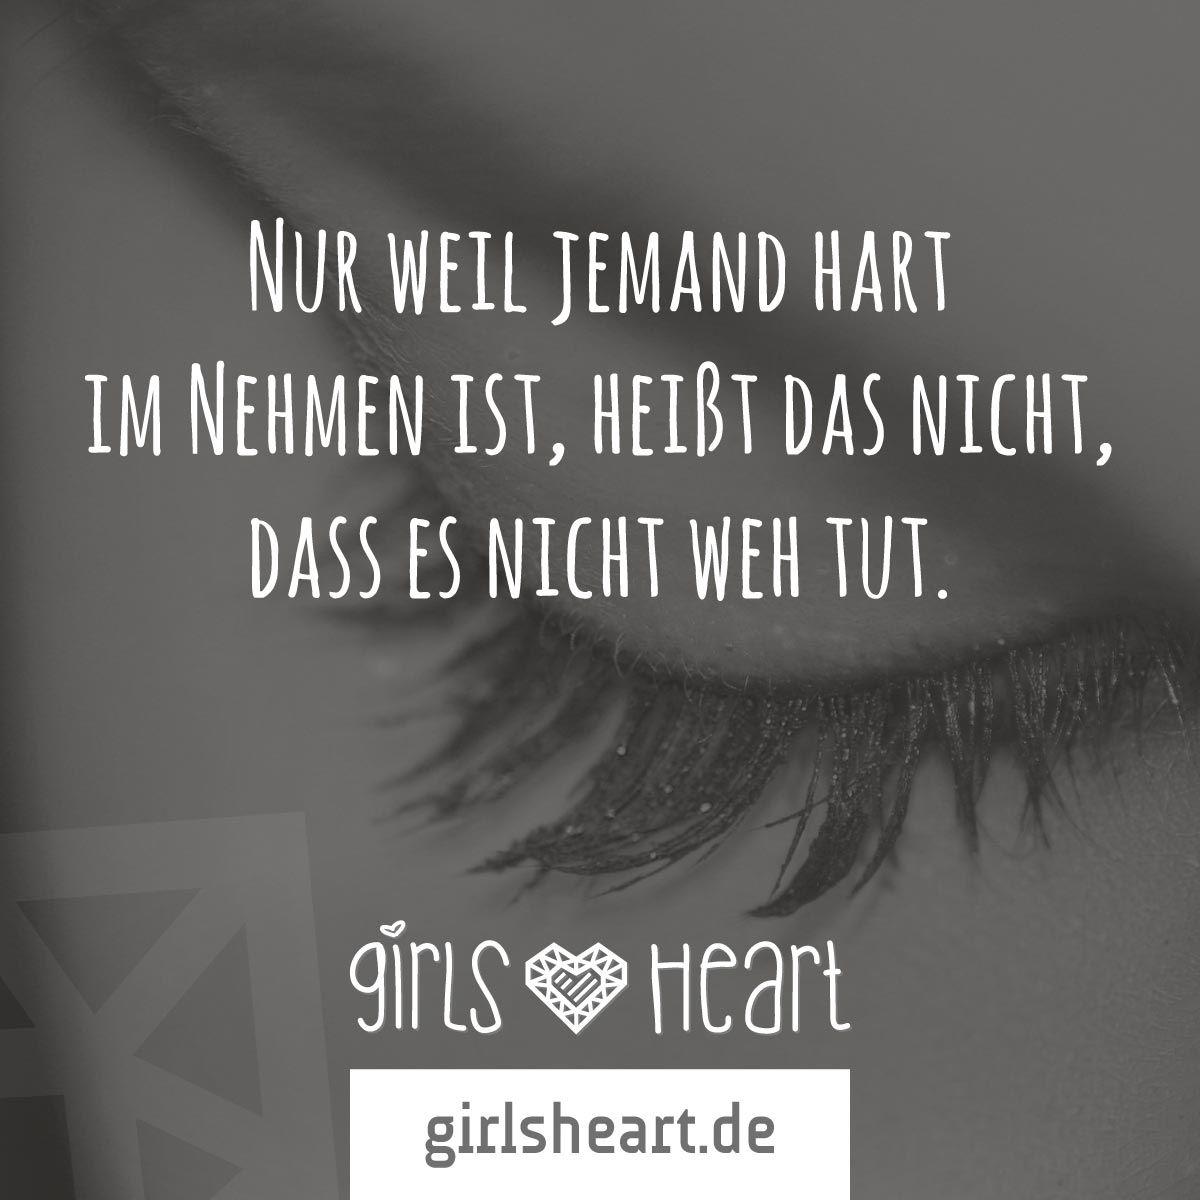 Mehr Sprüche auf: www.girlsheart.de #trauer #ärger #wut #